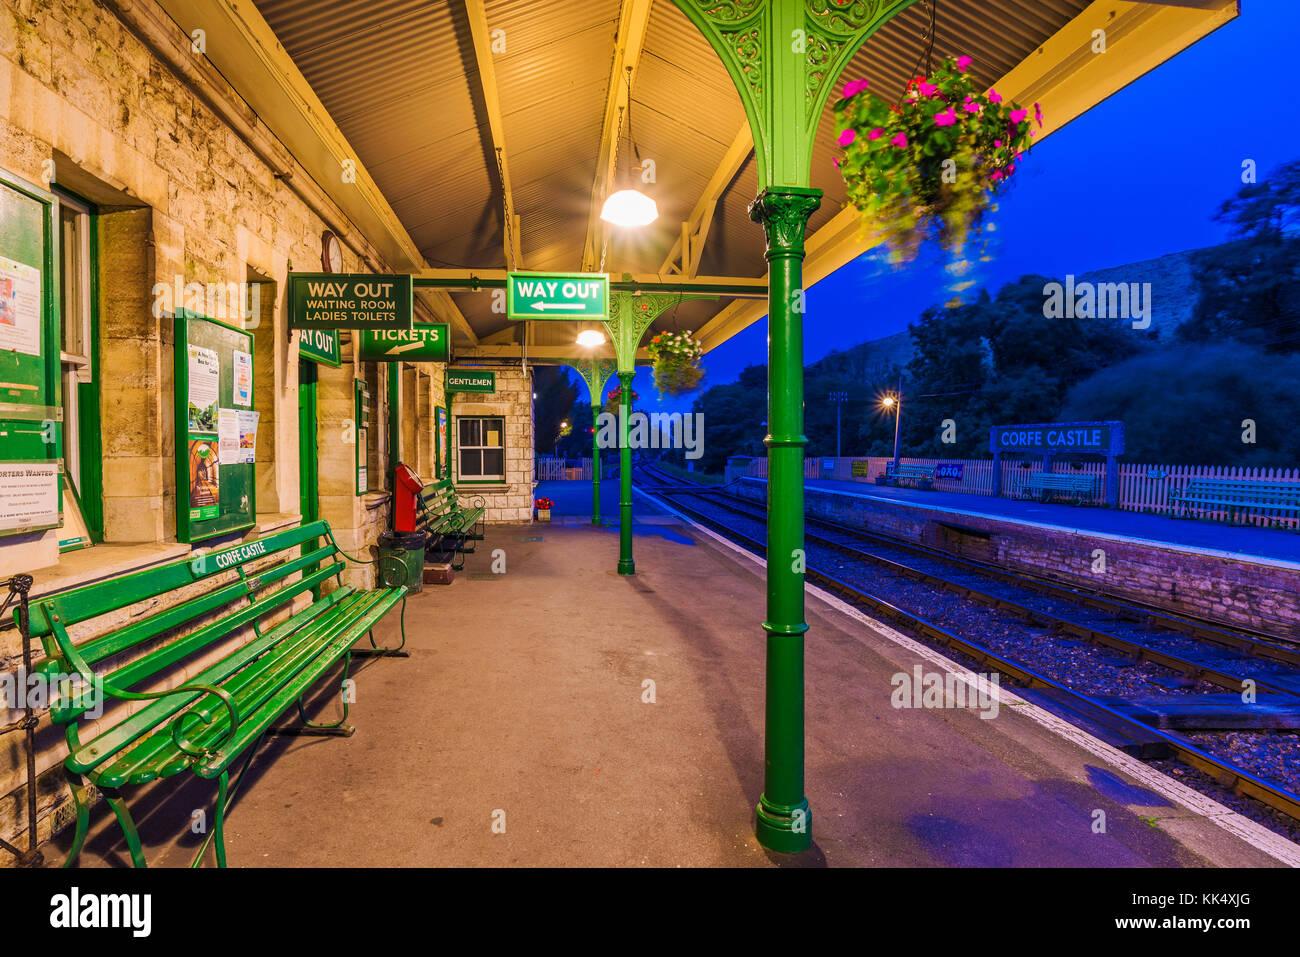 Corfe, Royaume-Uni - 08 septembre: c'est la plate-forme d'attente de corfe gare qui est bien connu Photo Stock